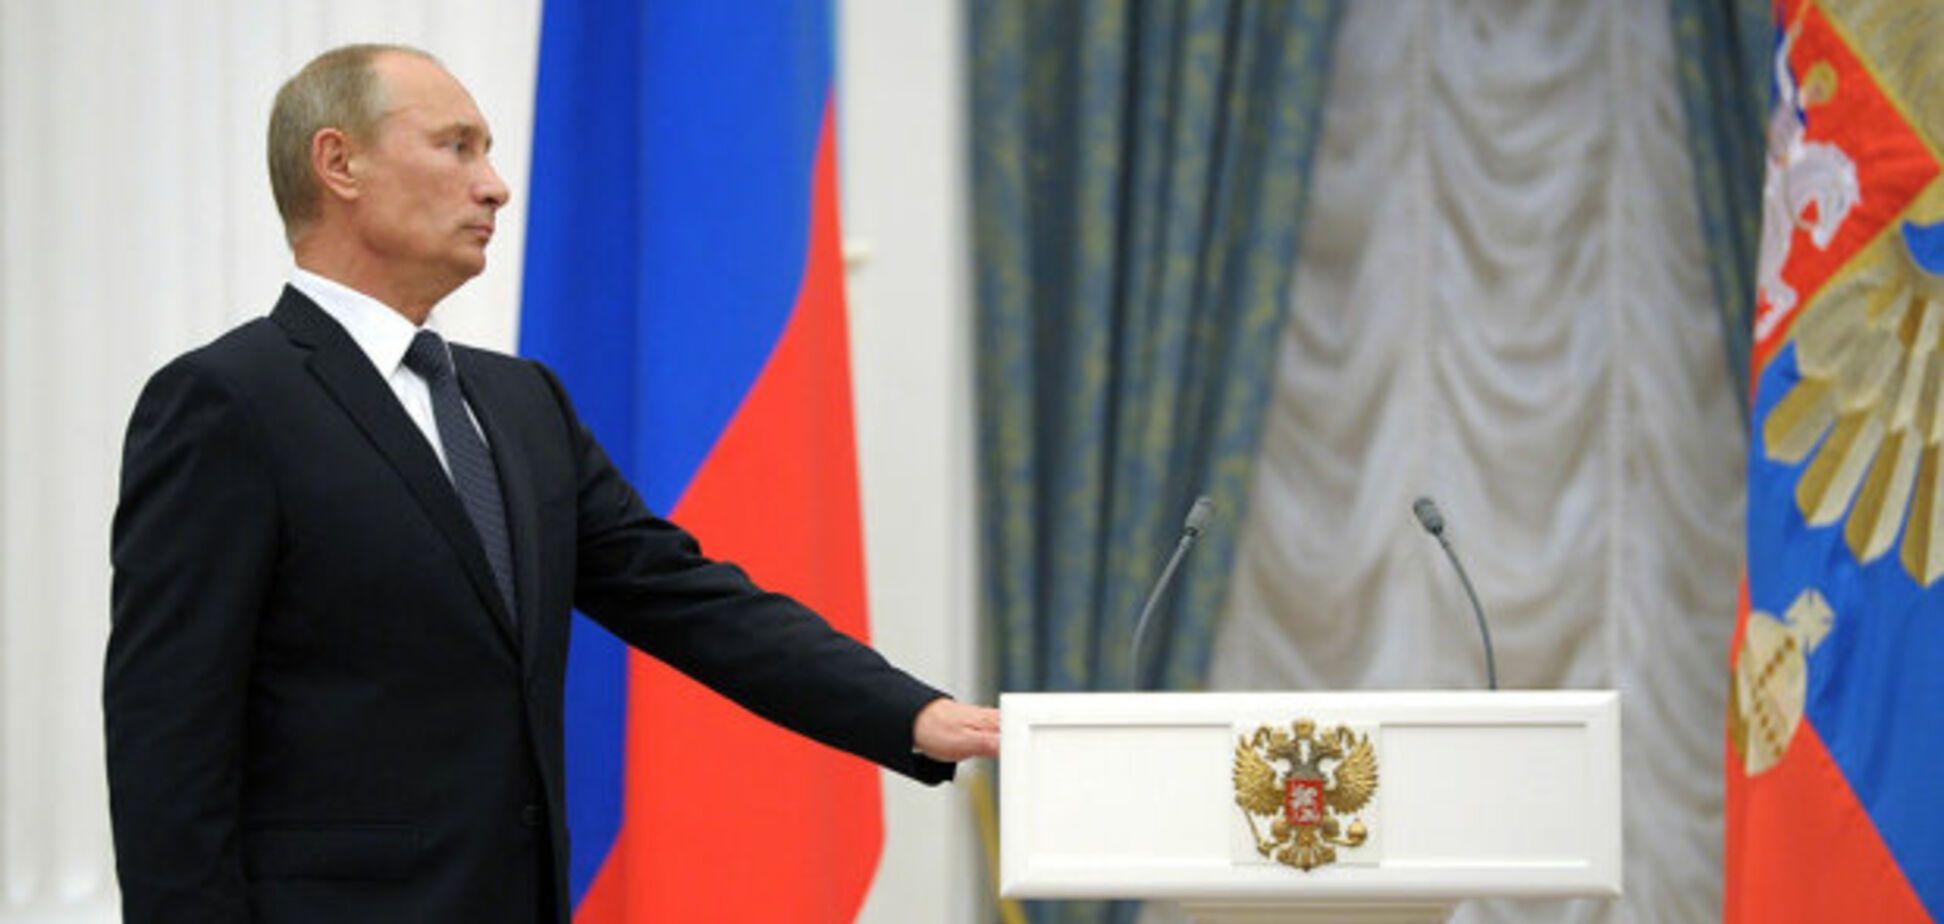 Обнулення термінів президента Росії: Ганапольський дав невтішний прогноз